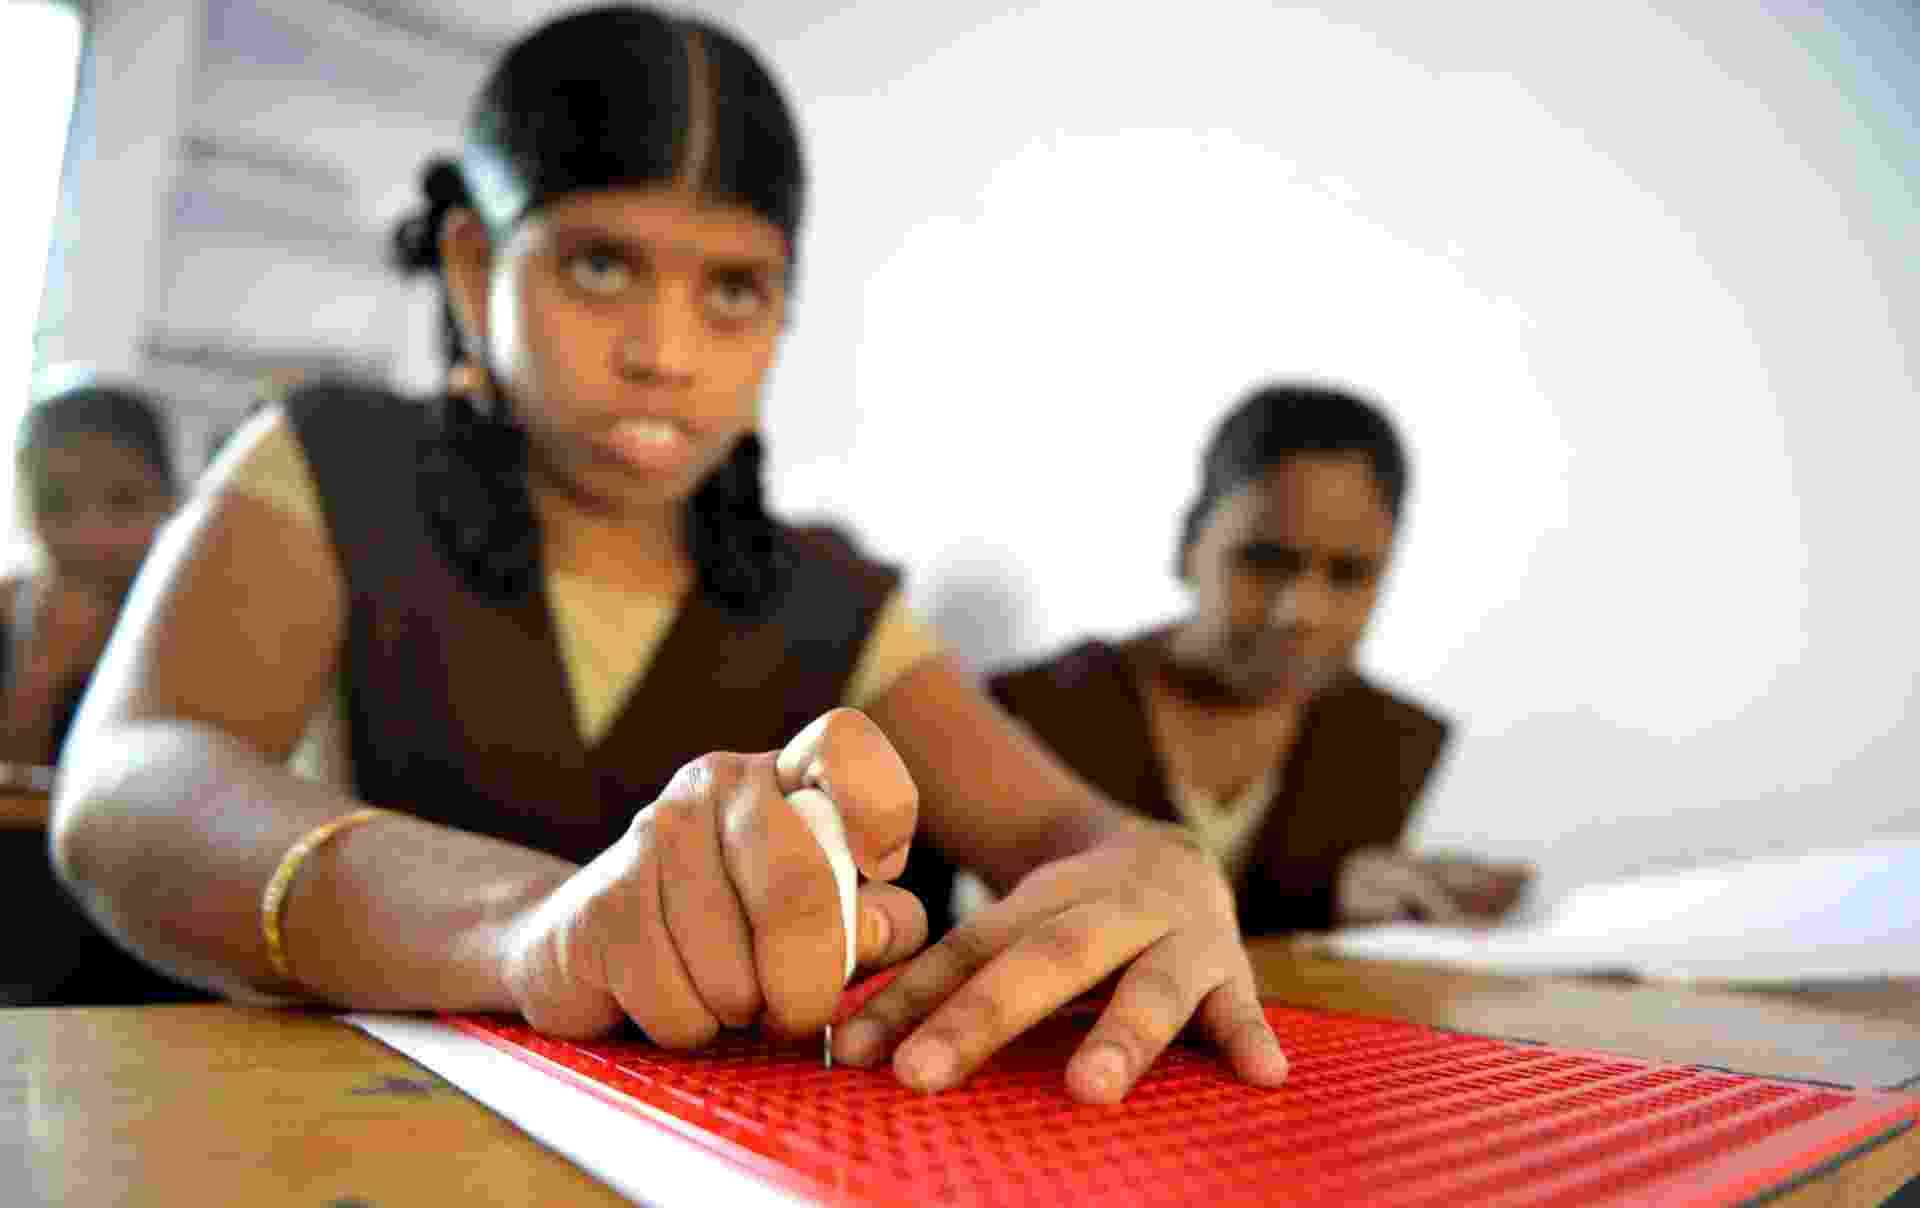 4.jan.2017 - Alunas com deficiência visual leem e escrevem utitlizando o sistema braille em um colégio na cidade de Hyderabad, na Índia, no dia em que o inventor francês Louis Braille completaria 208 anos. A Índia tem cerca de um terço do total de deficientes visuais no mundo - AFP Photo/Noah Seelam